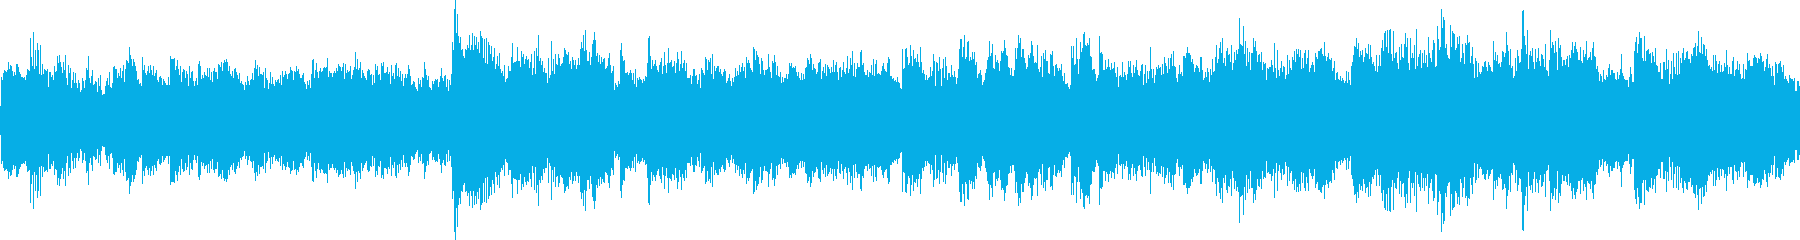 幻想的なヒーリングジングル_(ループ)の再生済みの波形